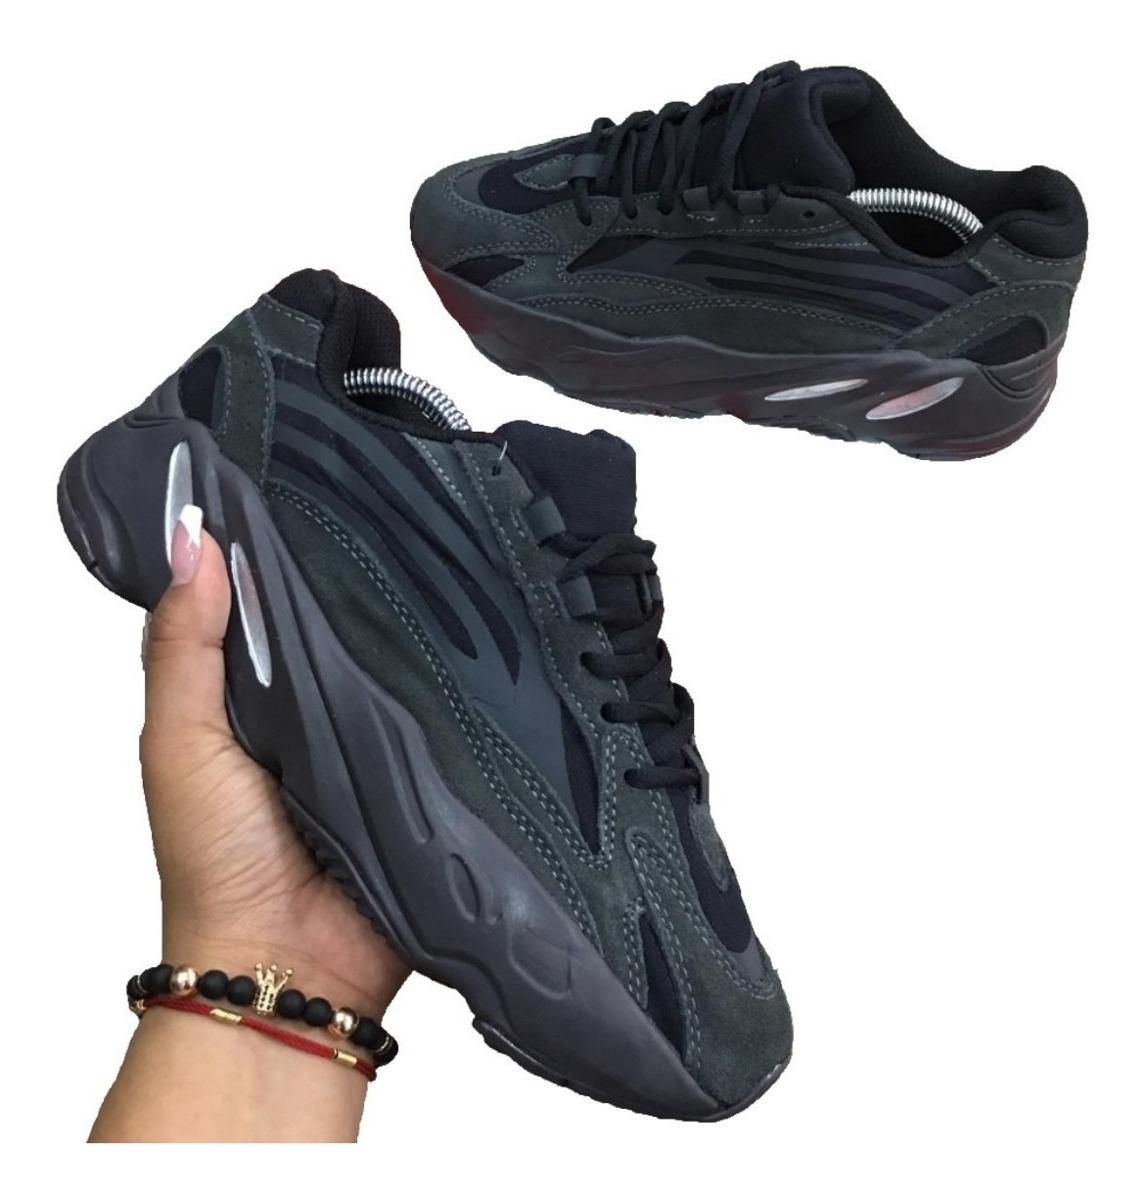 Tenis Zapatillas adidas Yeezy 700 Hombre